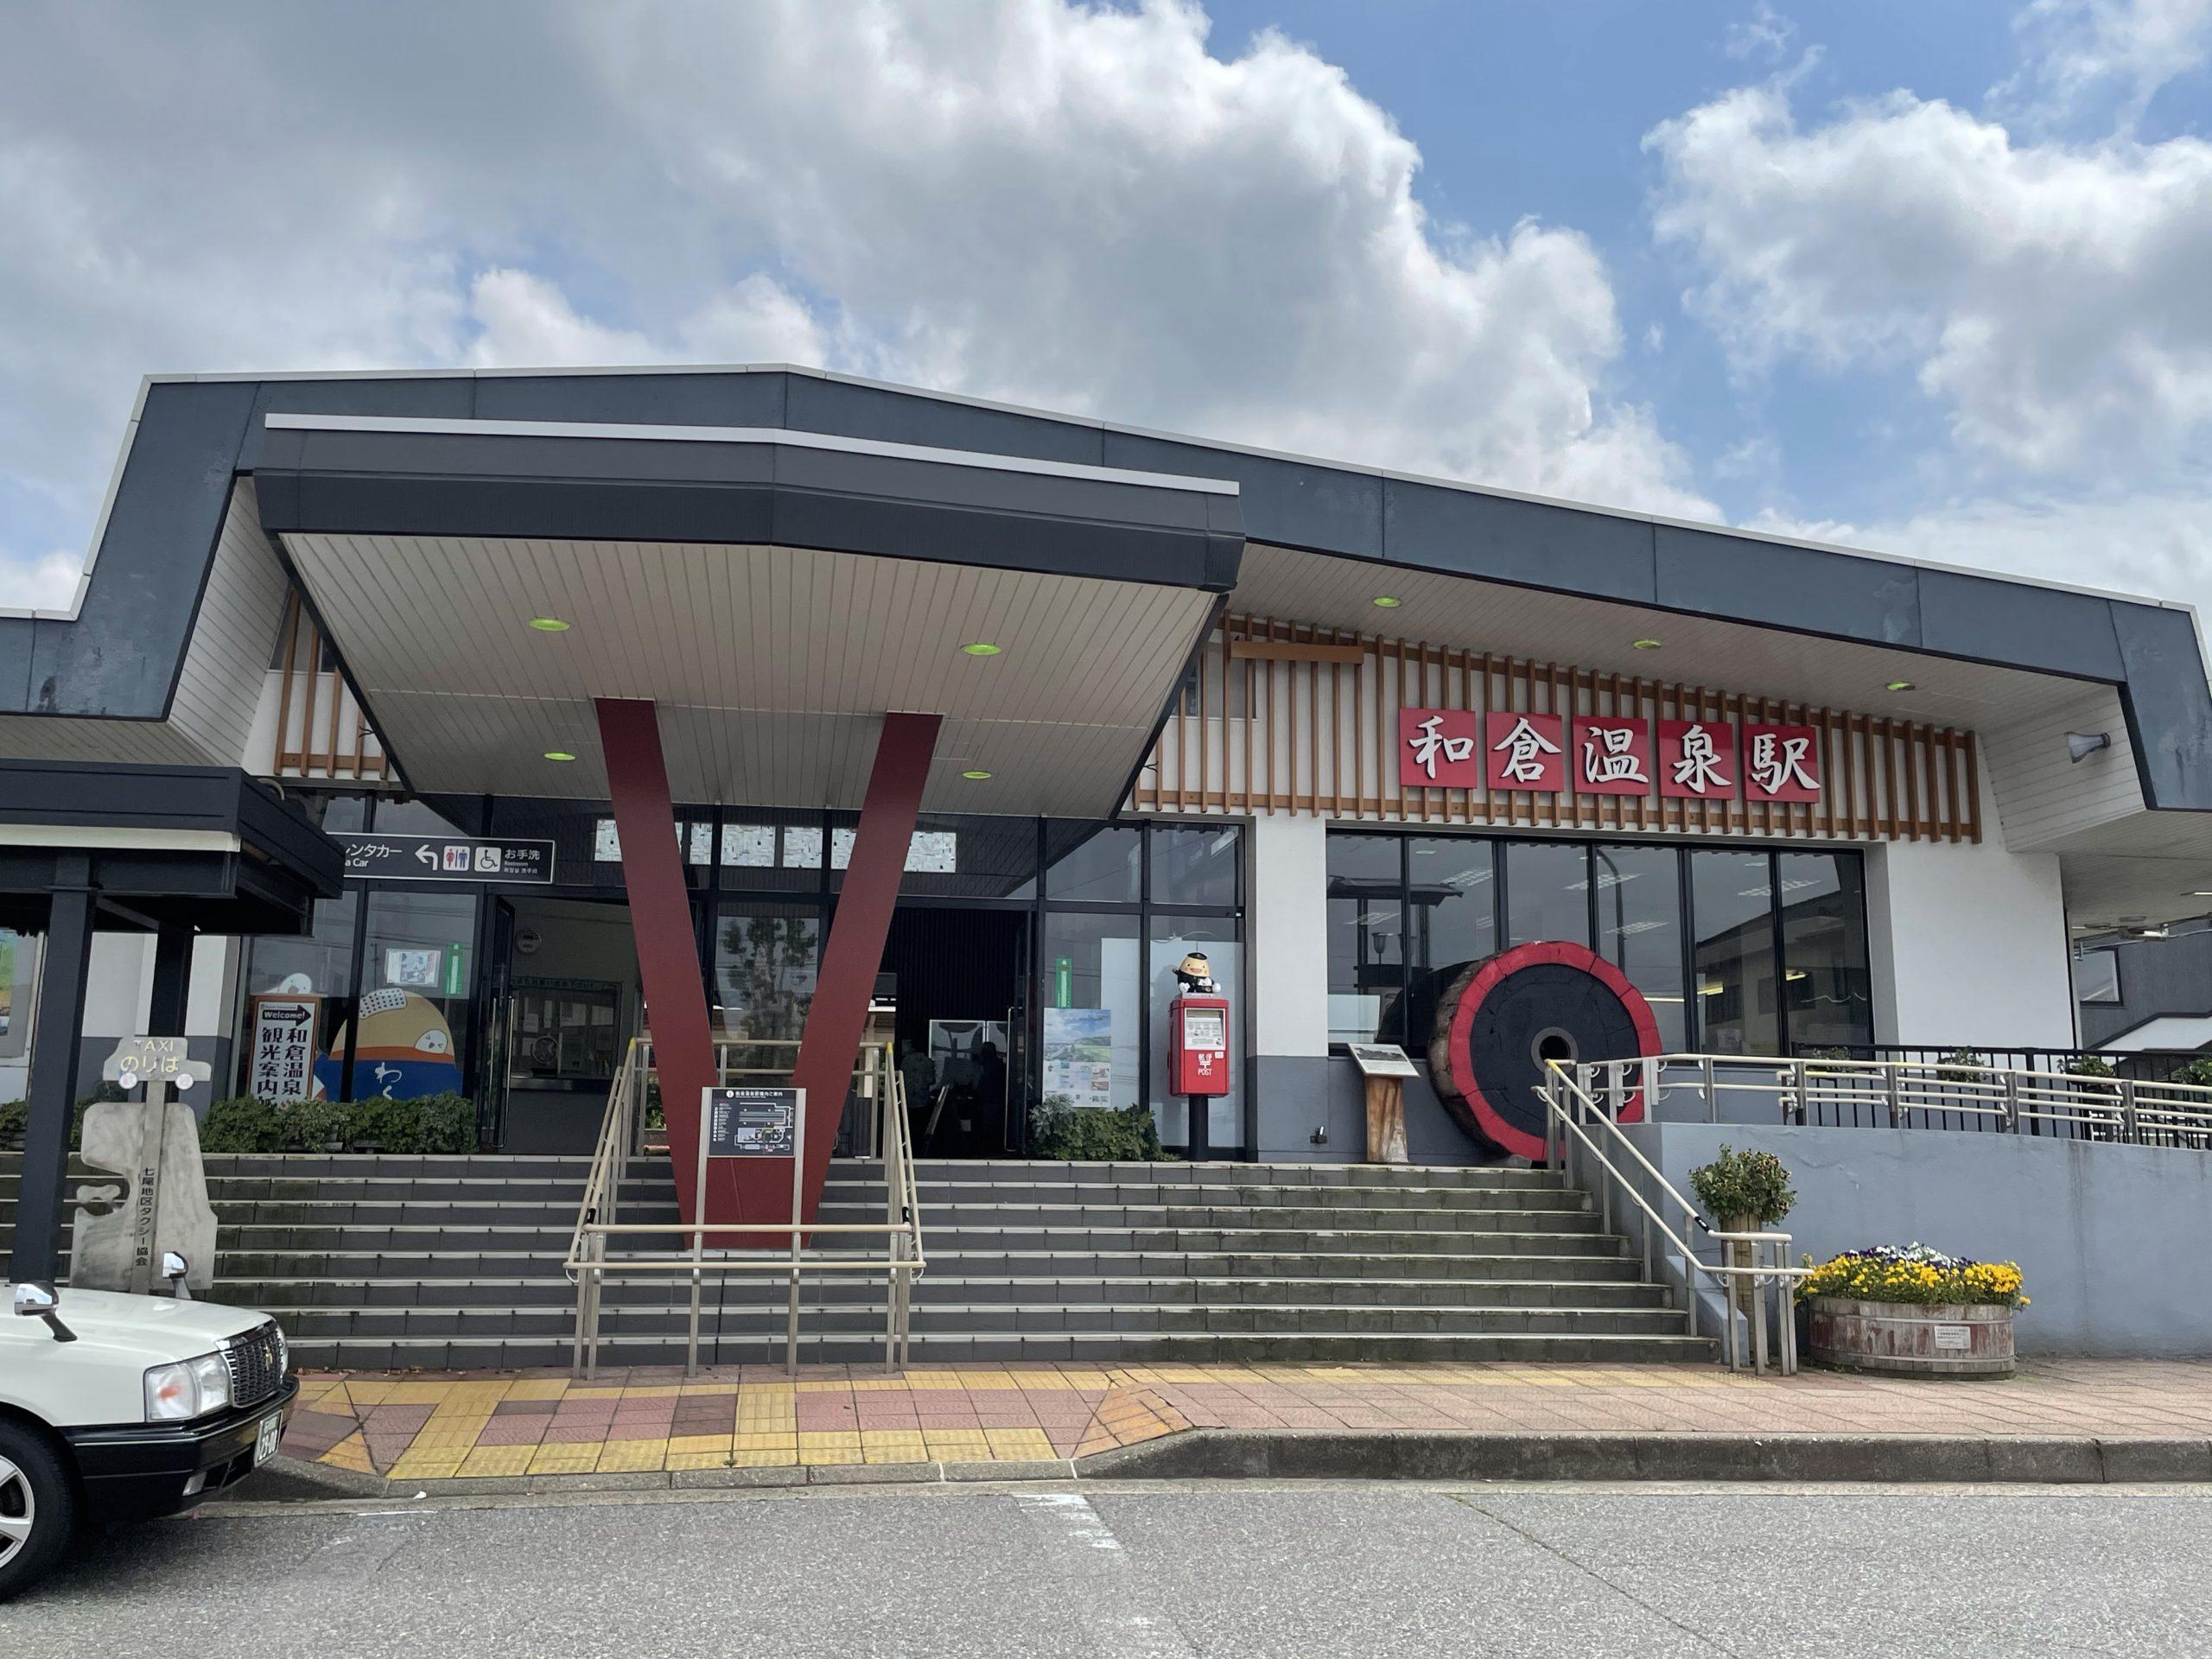 和倉温泉での宿泊や能登島観光への最寄り駅「和倉温泉駅」【七尾市】